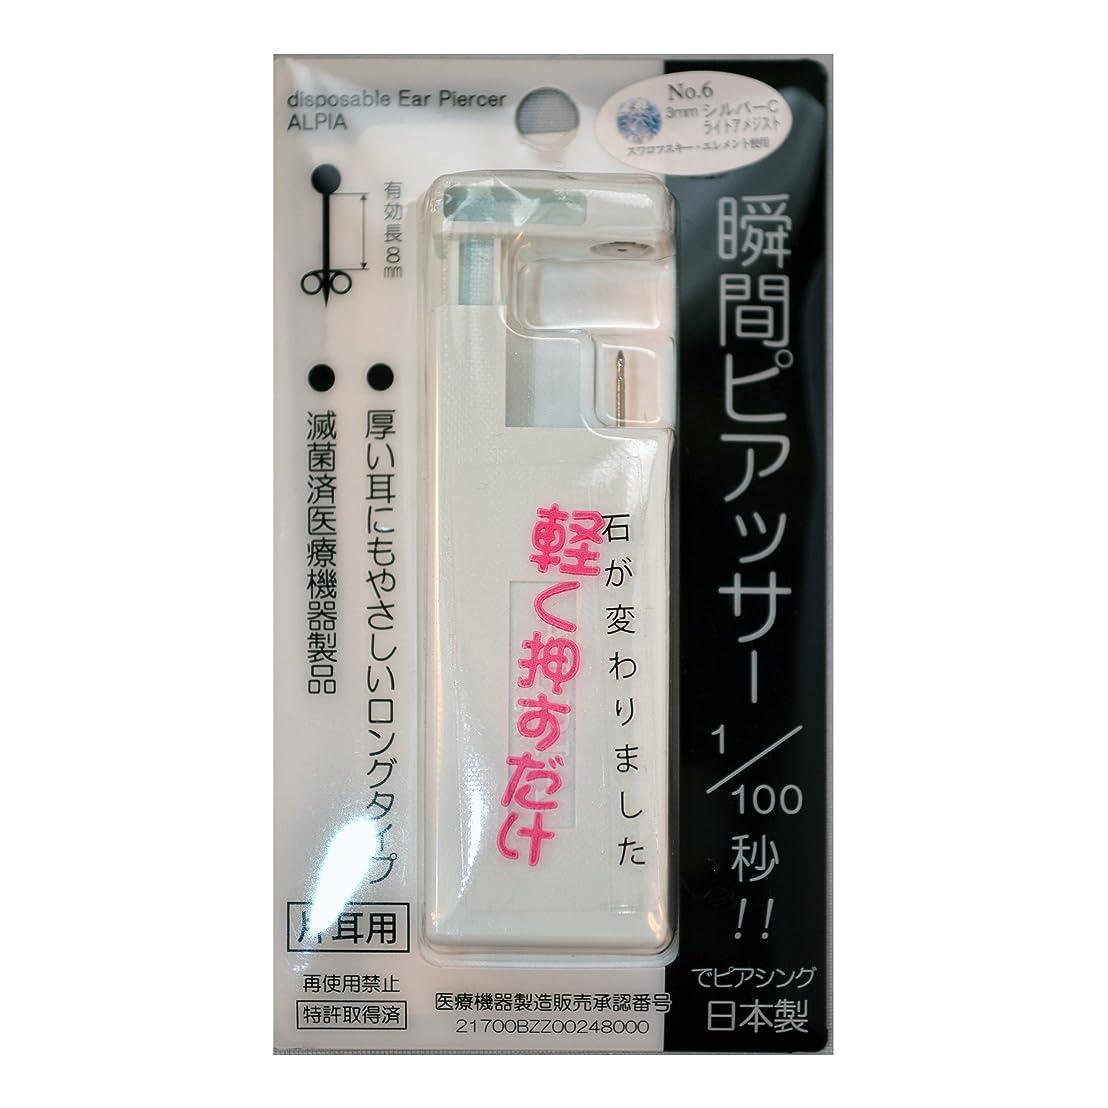 マーケティング原始的な消毒剤瞬間ピアッサー 3mm シルバーC No.6ライトアメジスト